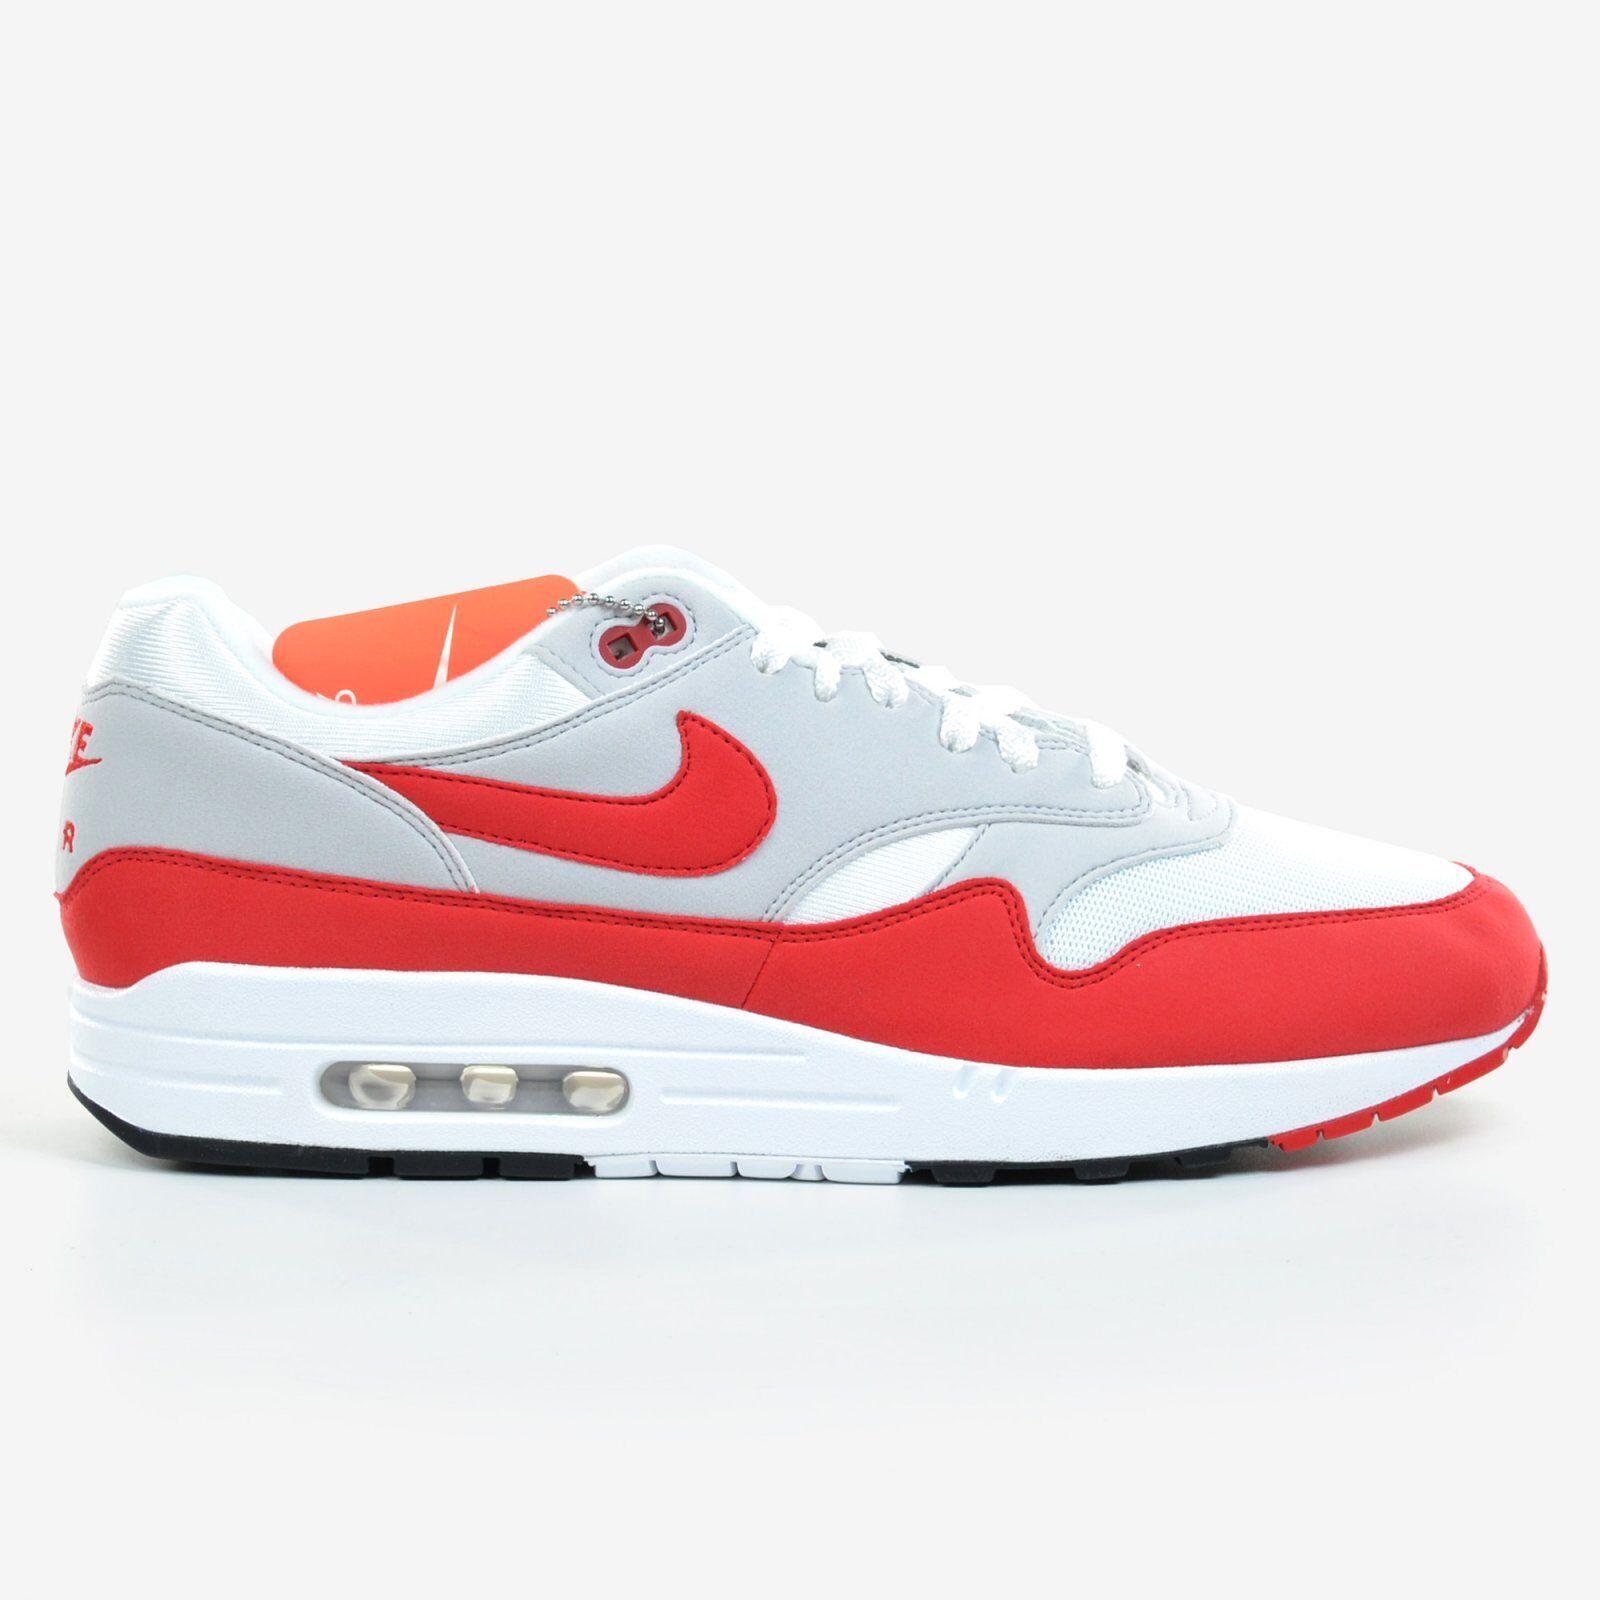 Nike Air Max 1 Anniversary 2017 White University Red Grey Men's OG 908375-103